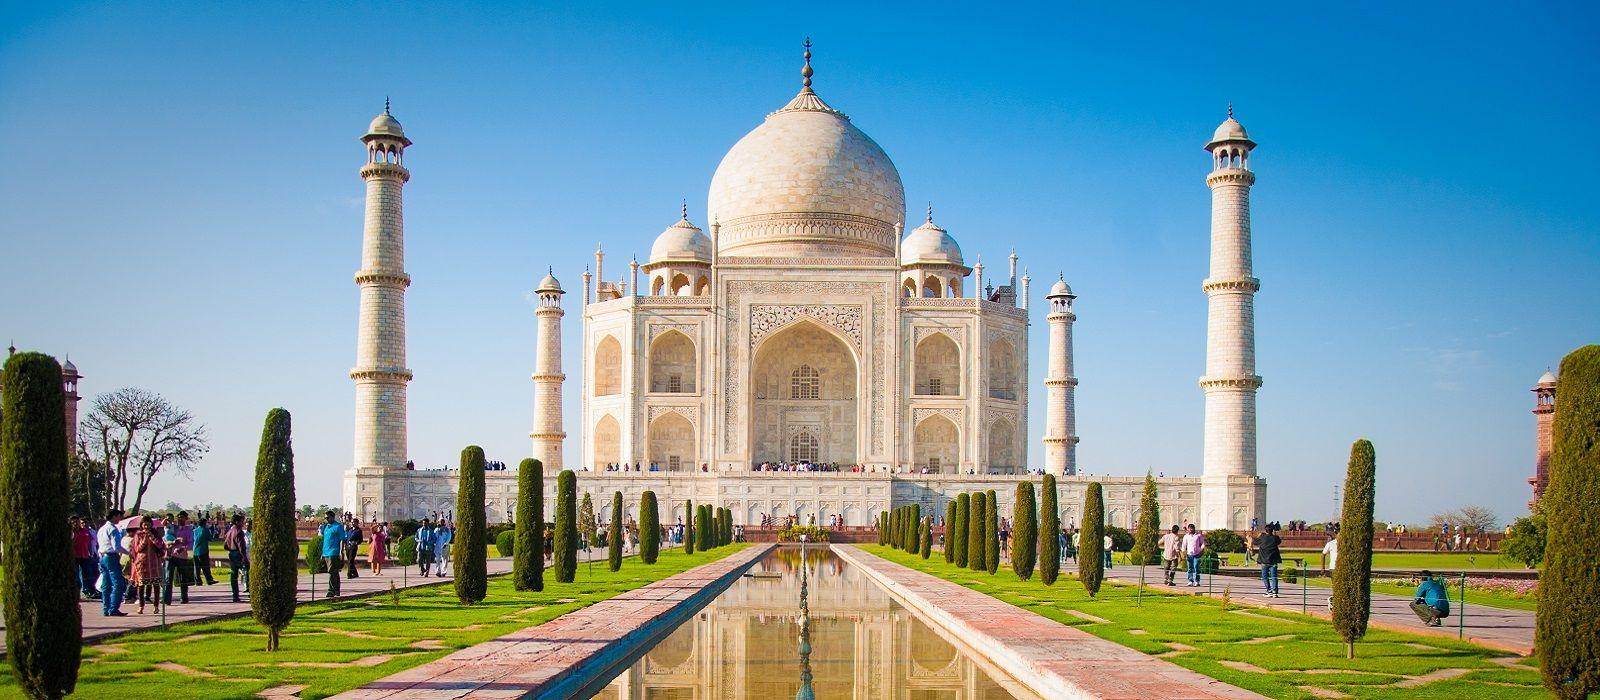 Oberoi Sommerangebot: Royales Rajasthan Urlaub 2